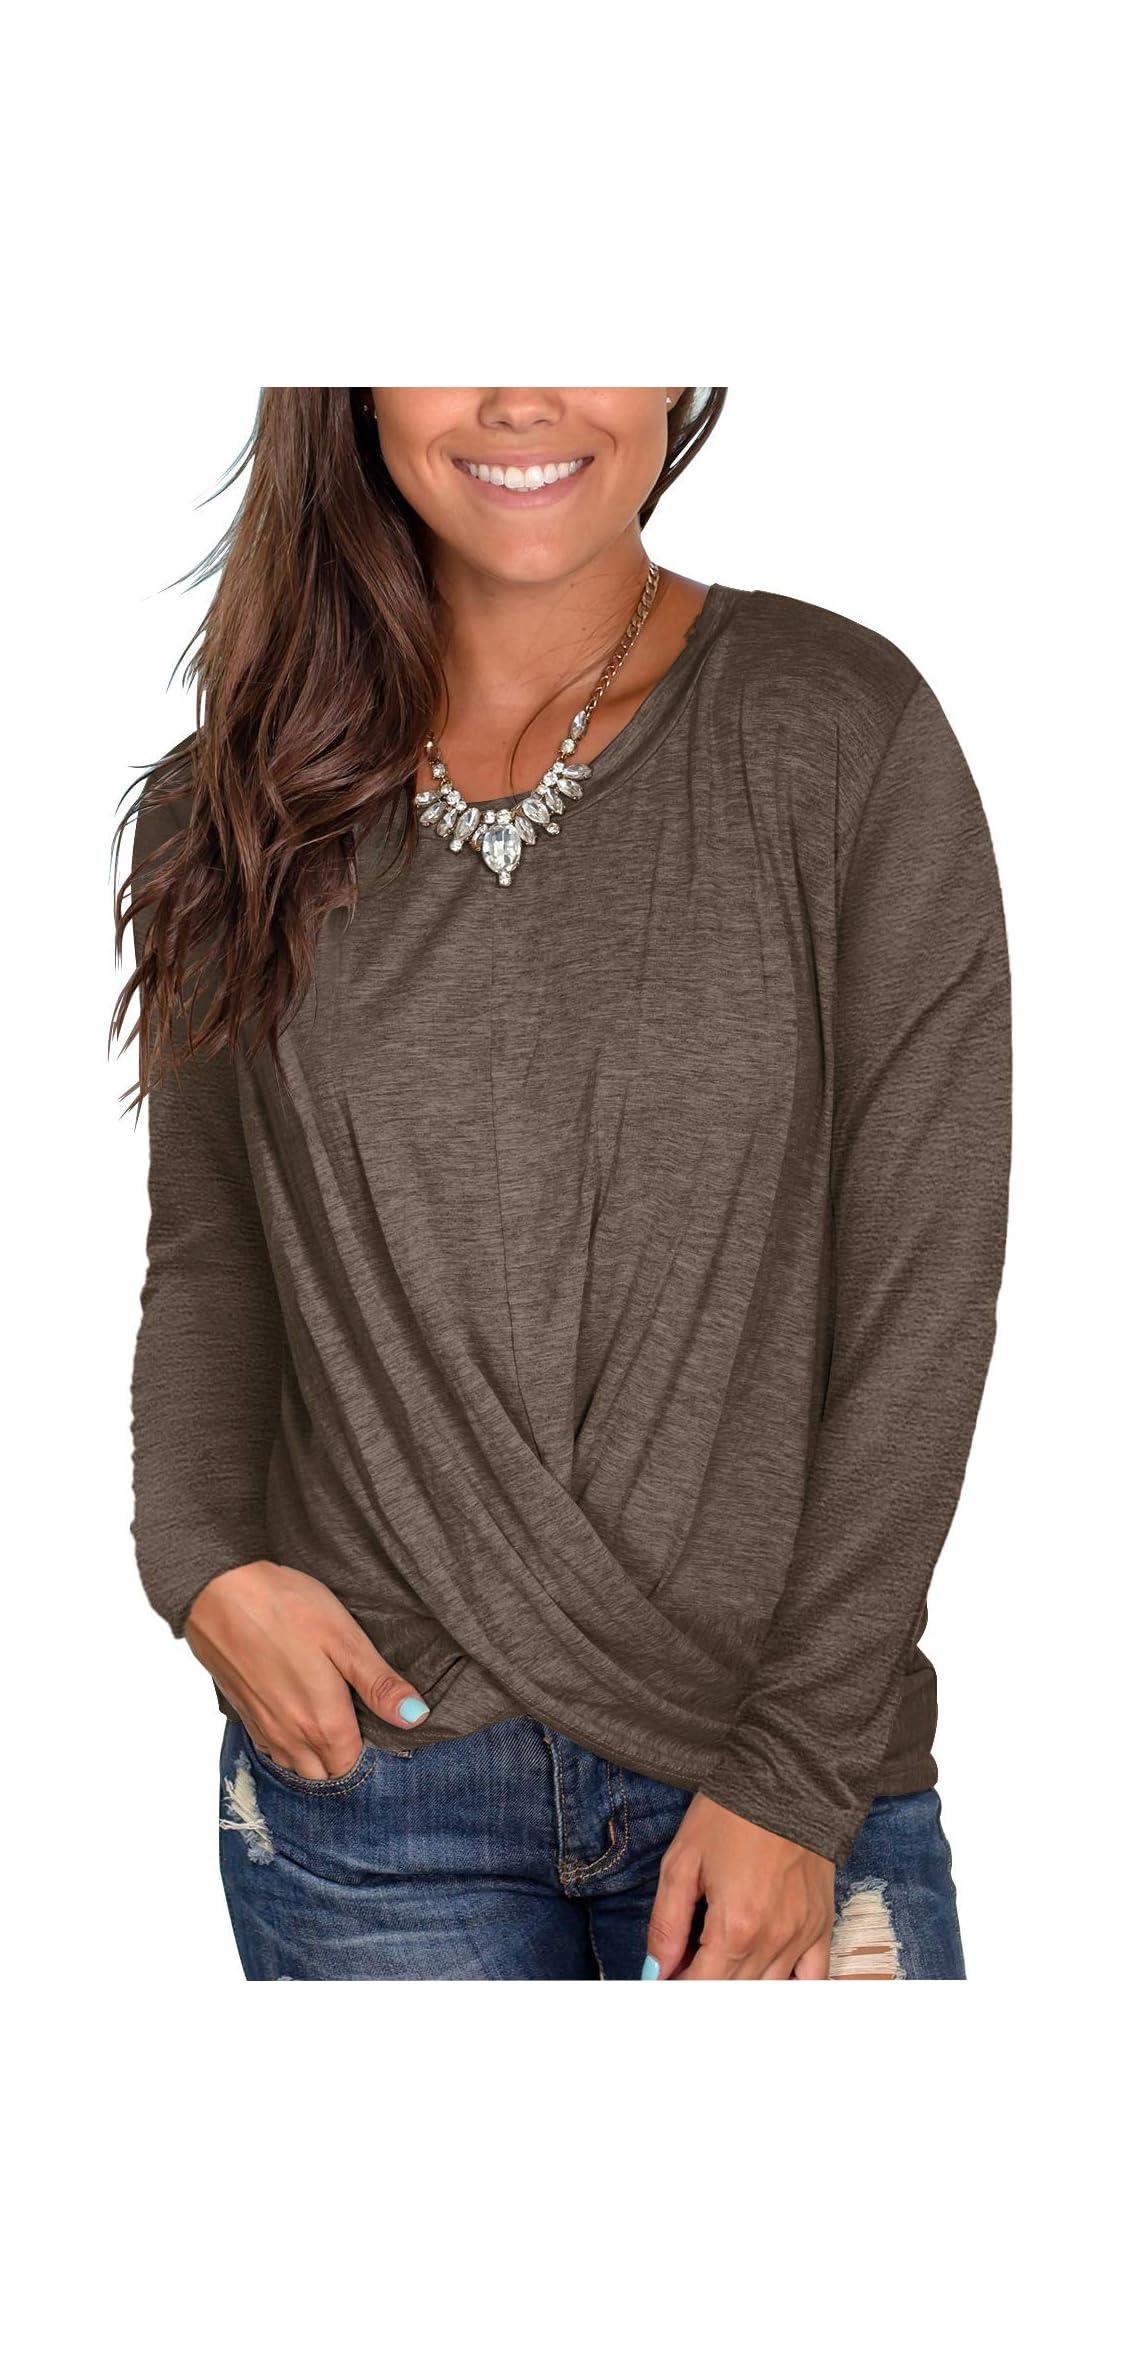 Women's Short Sleeve Round Neck T Shirt Front Twist